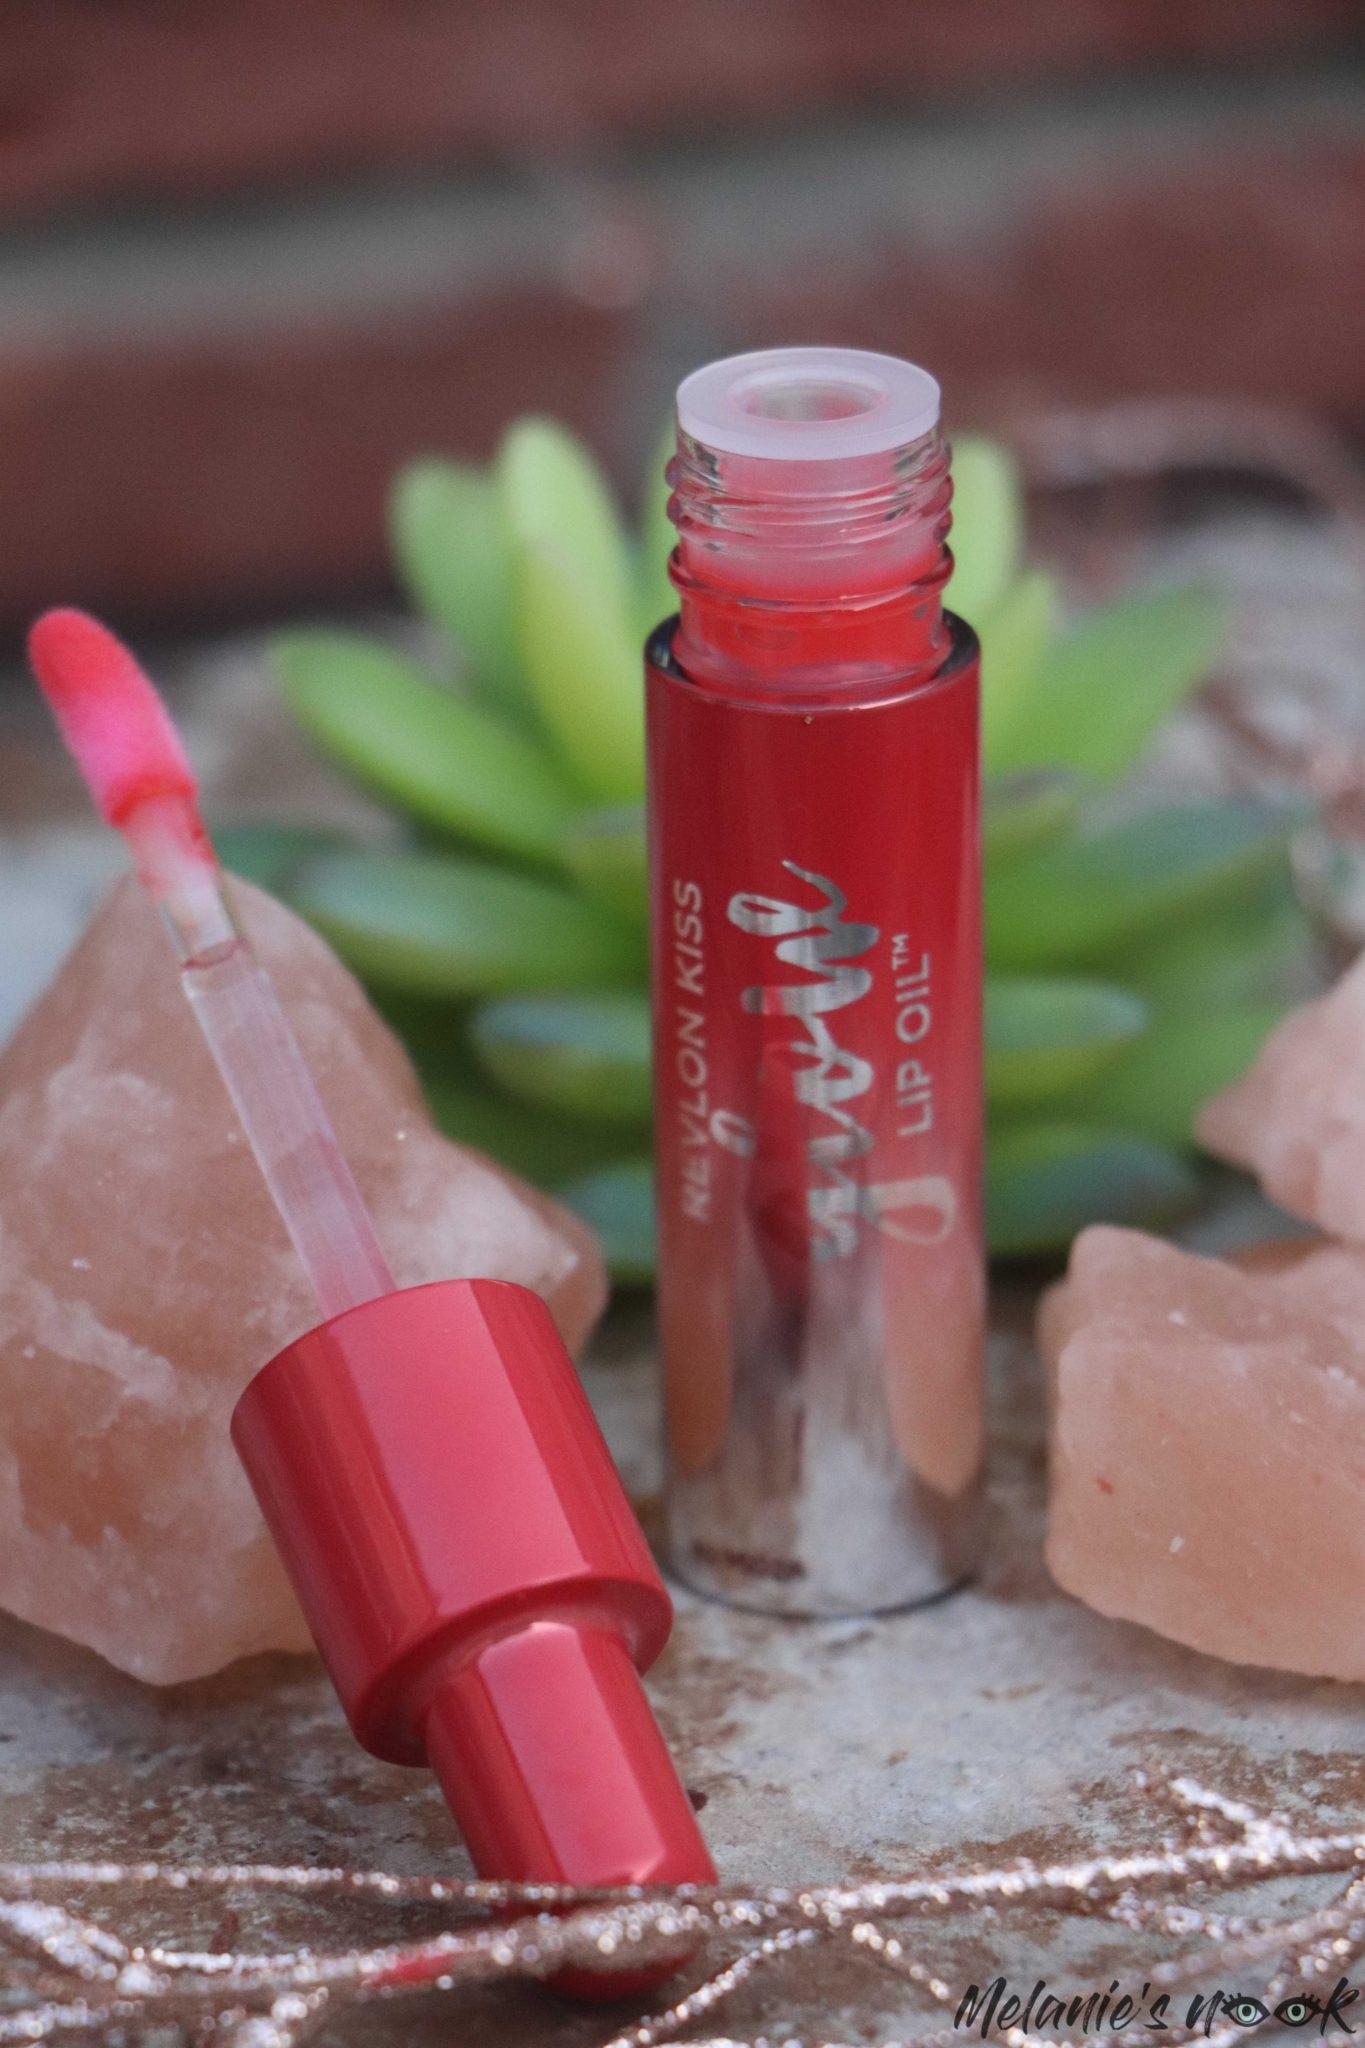 Revlon Kiss Glow - Lip Oil